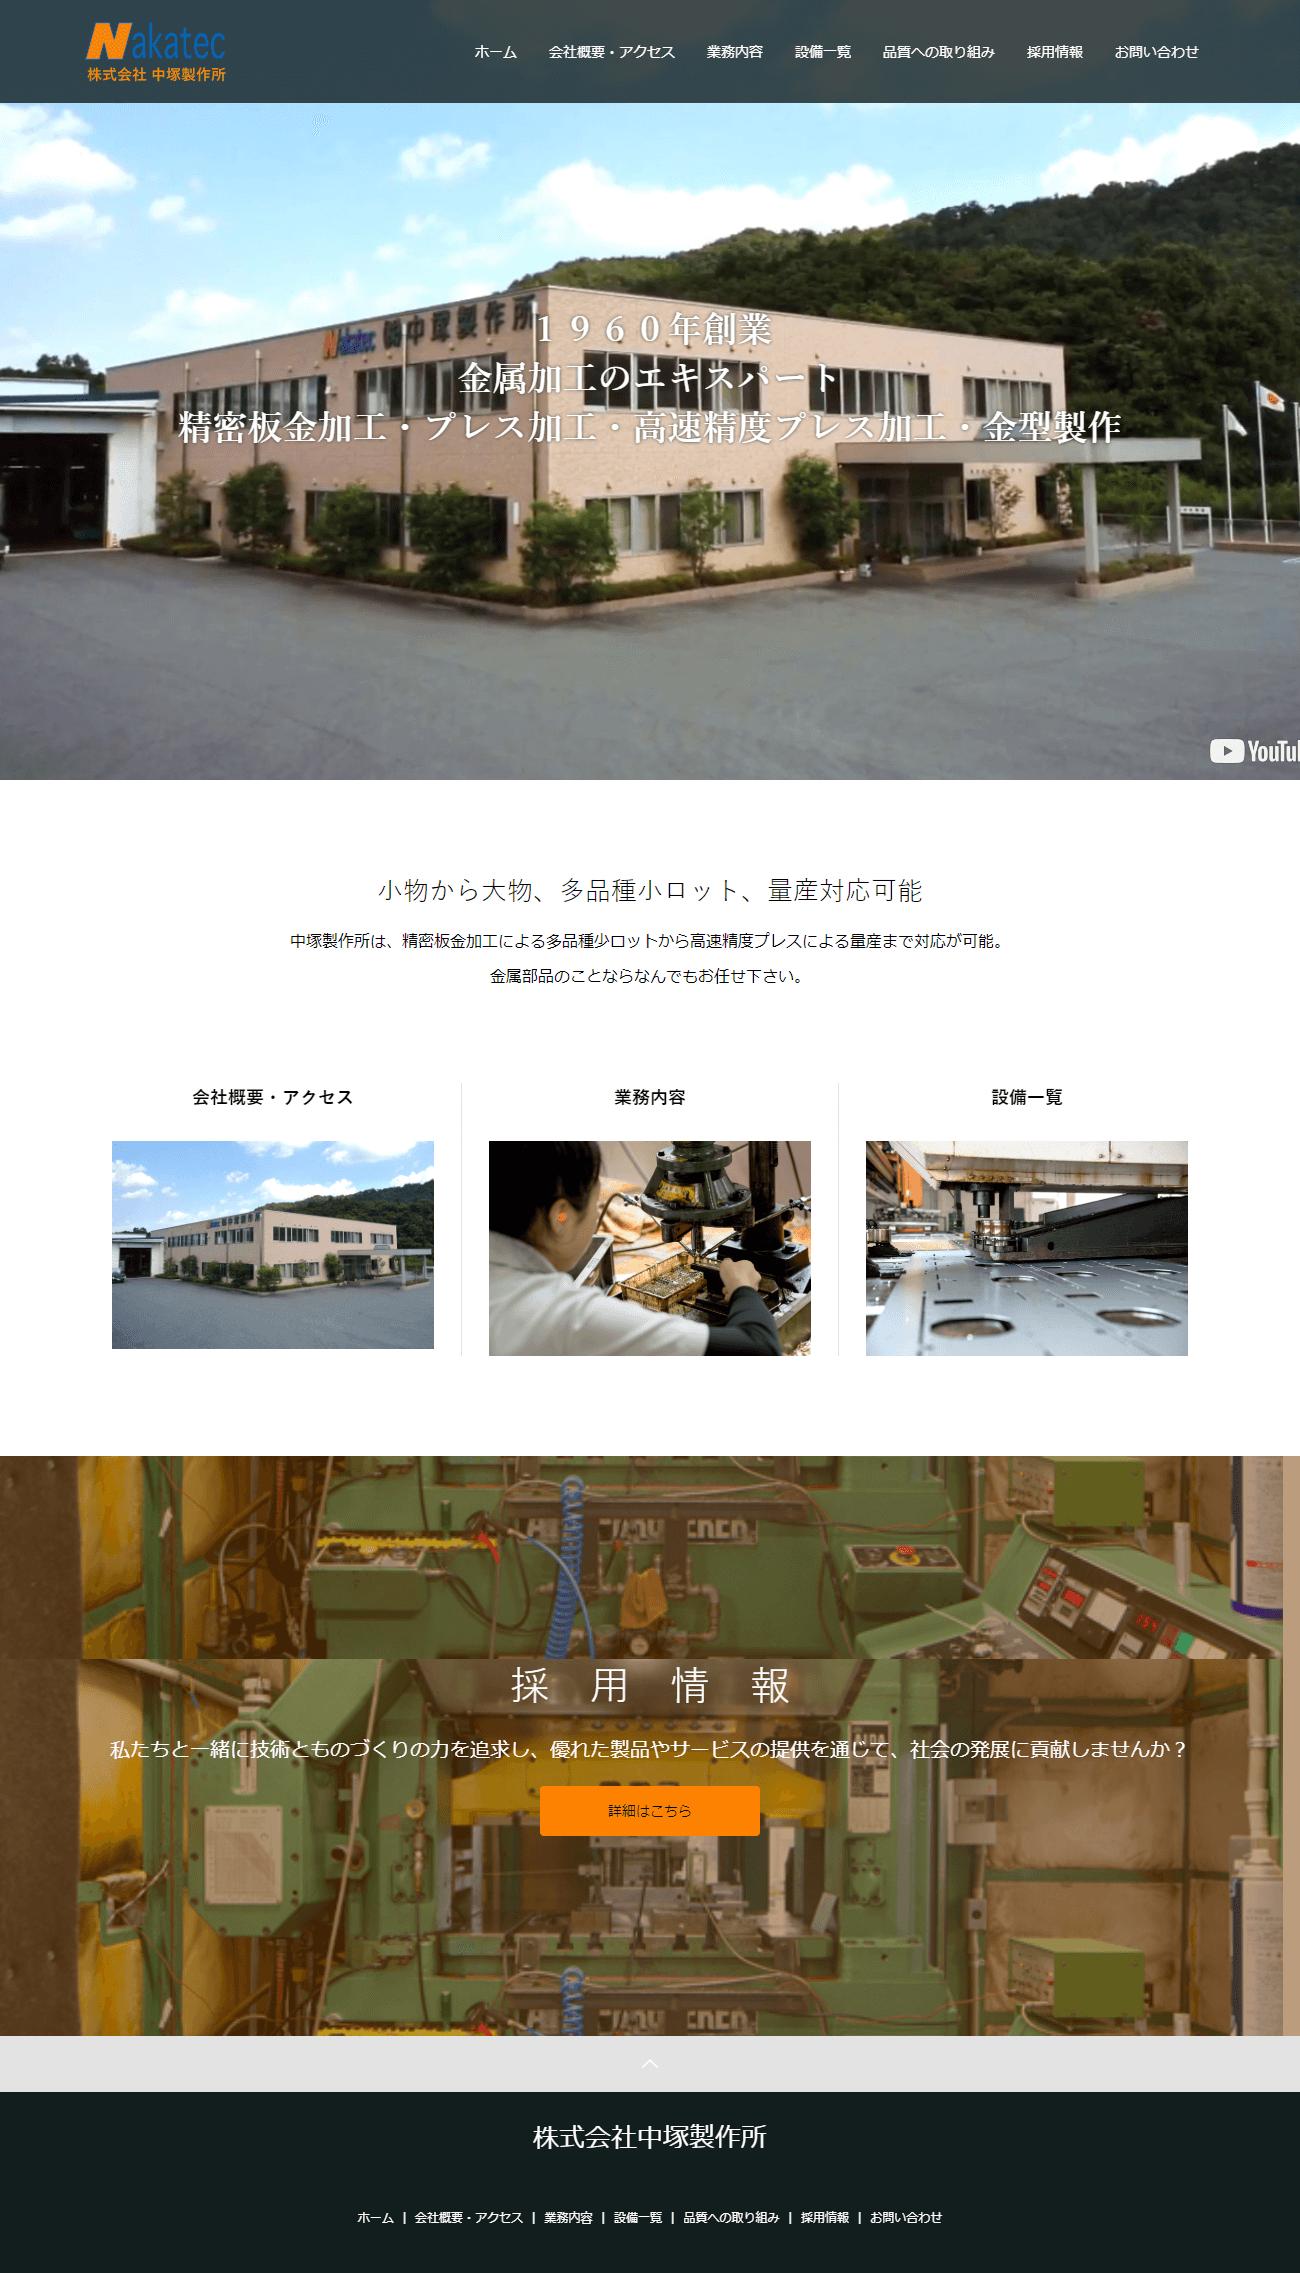 神崎郡福崎町 株式会社中塚製作所様 ホームページ制作1